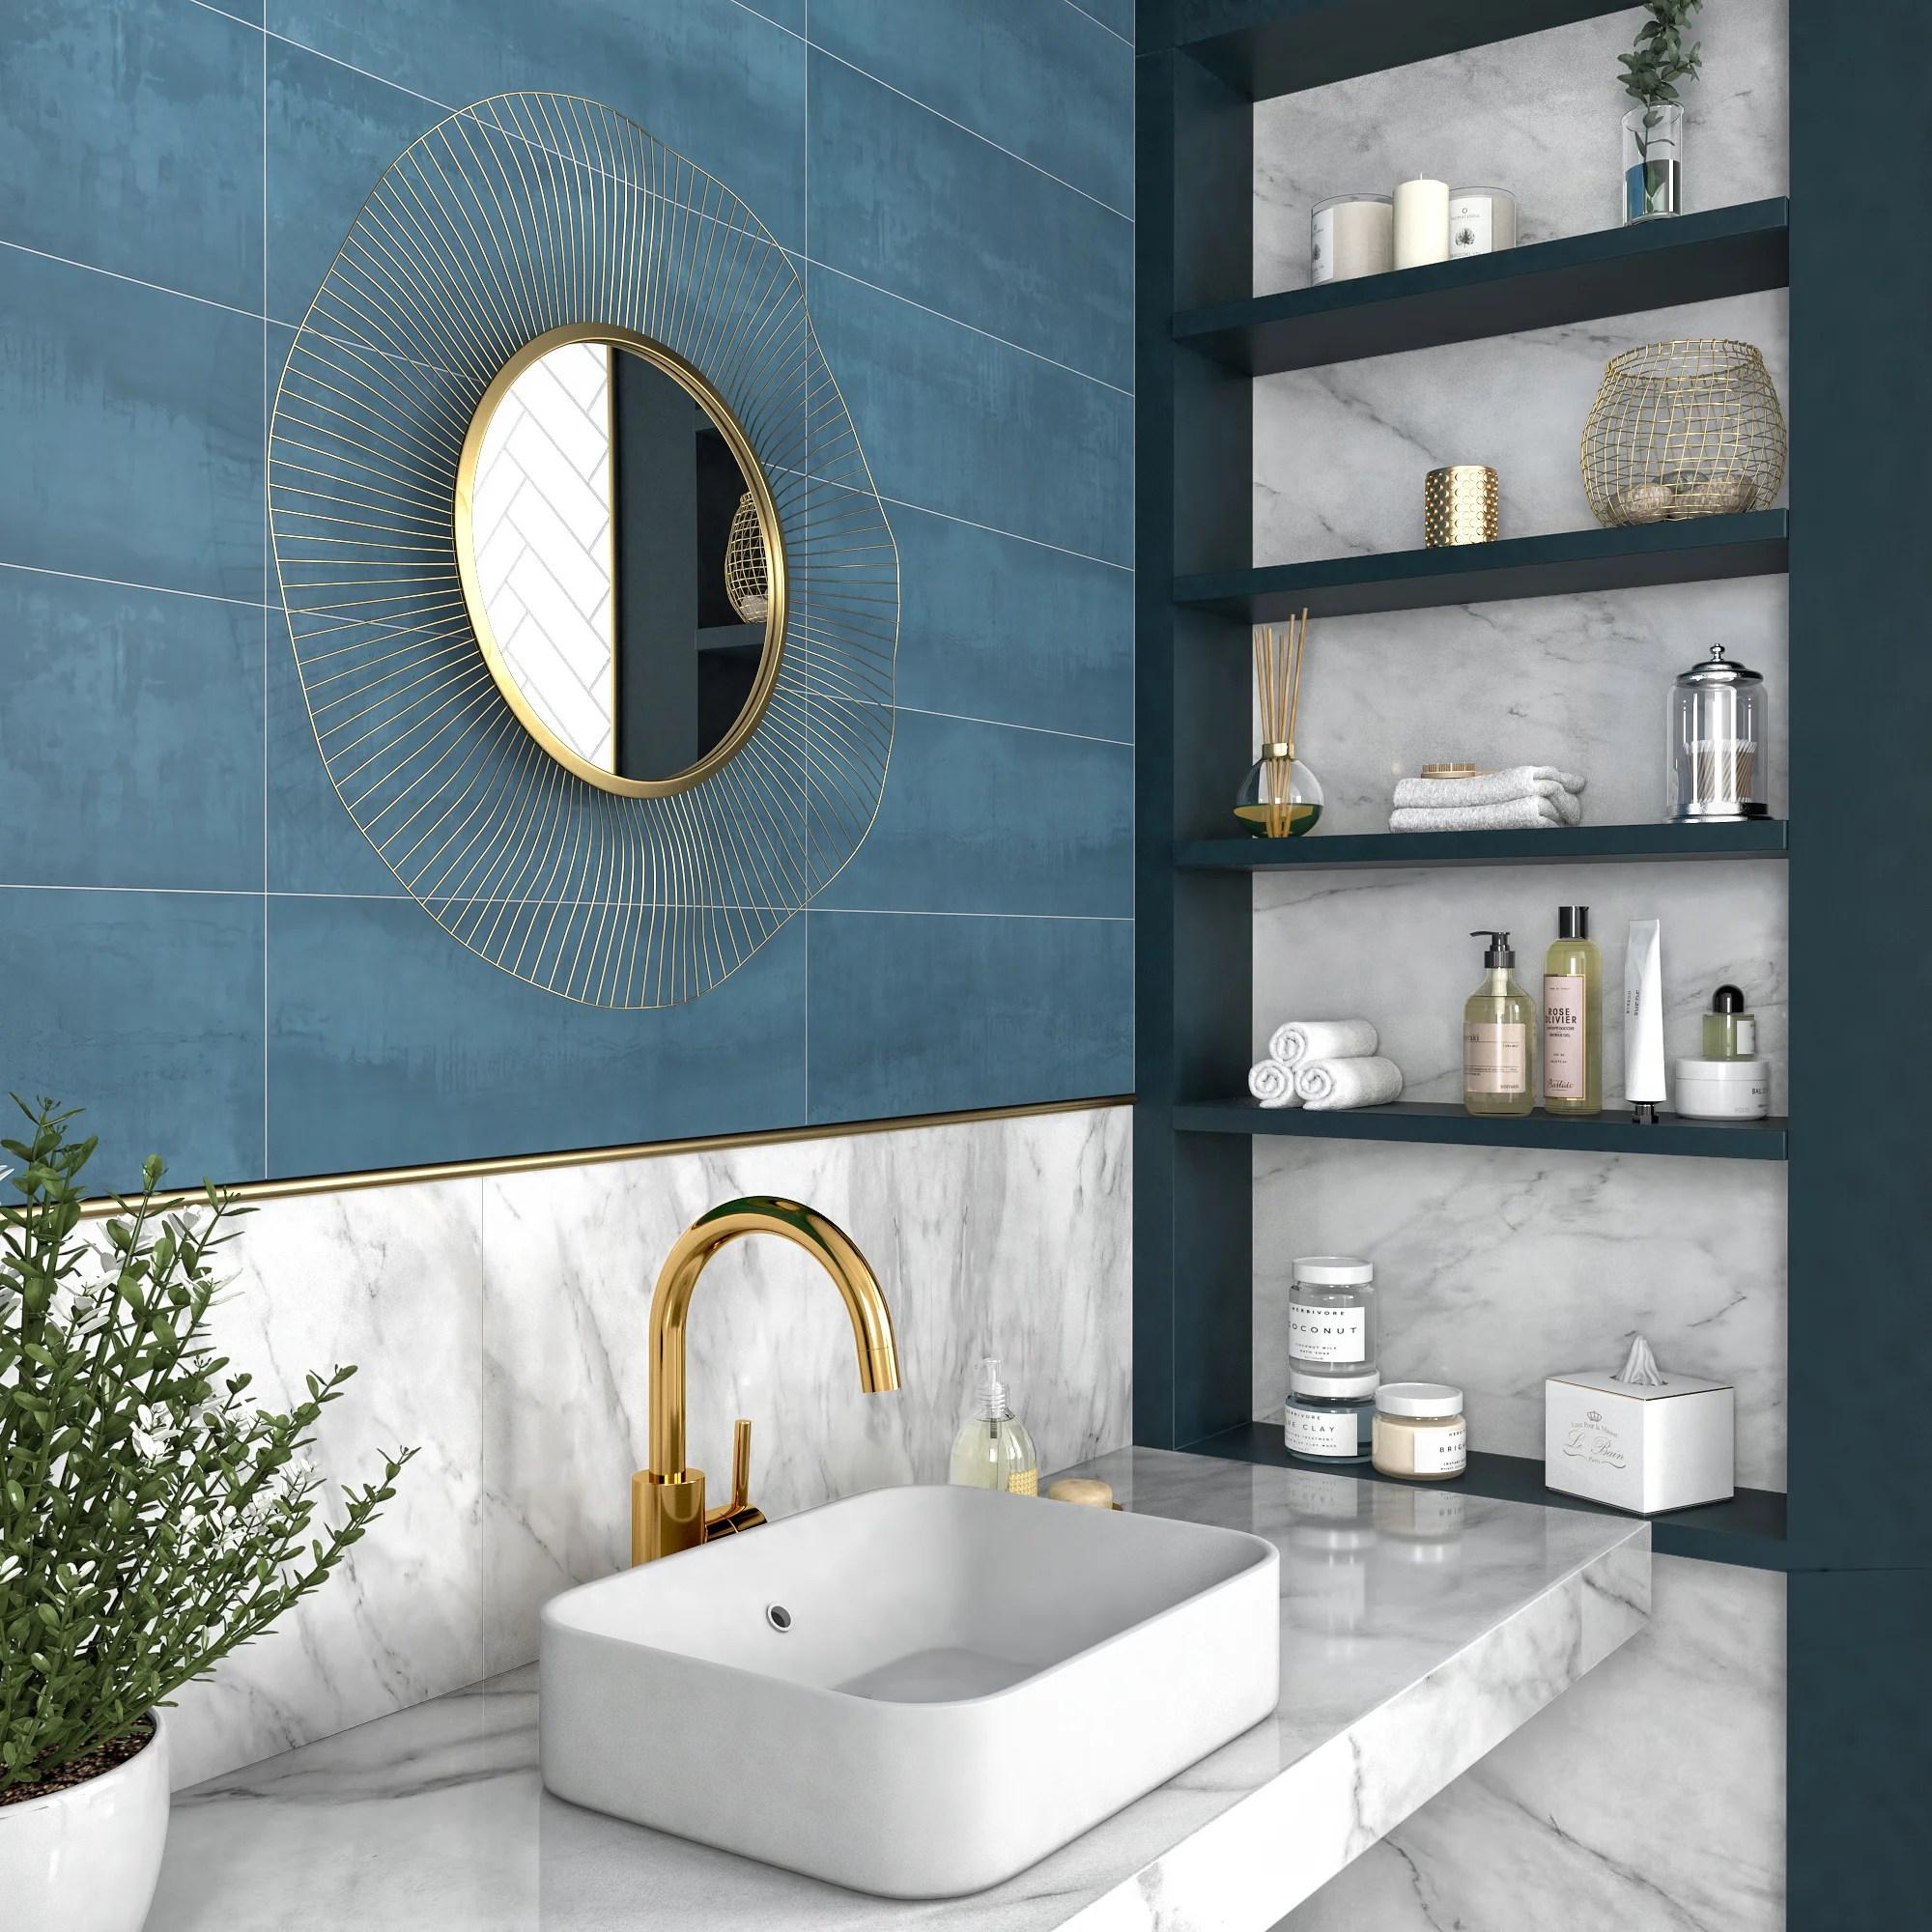 carrelage mur forte beton bleu clair brillante et mate l 20 x l 60 cm hook